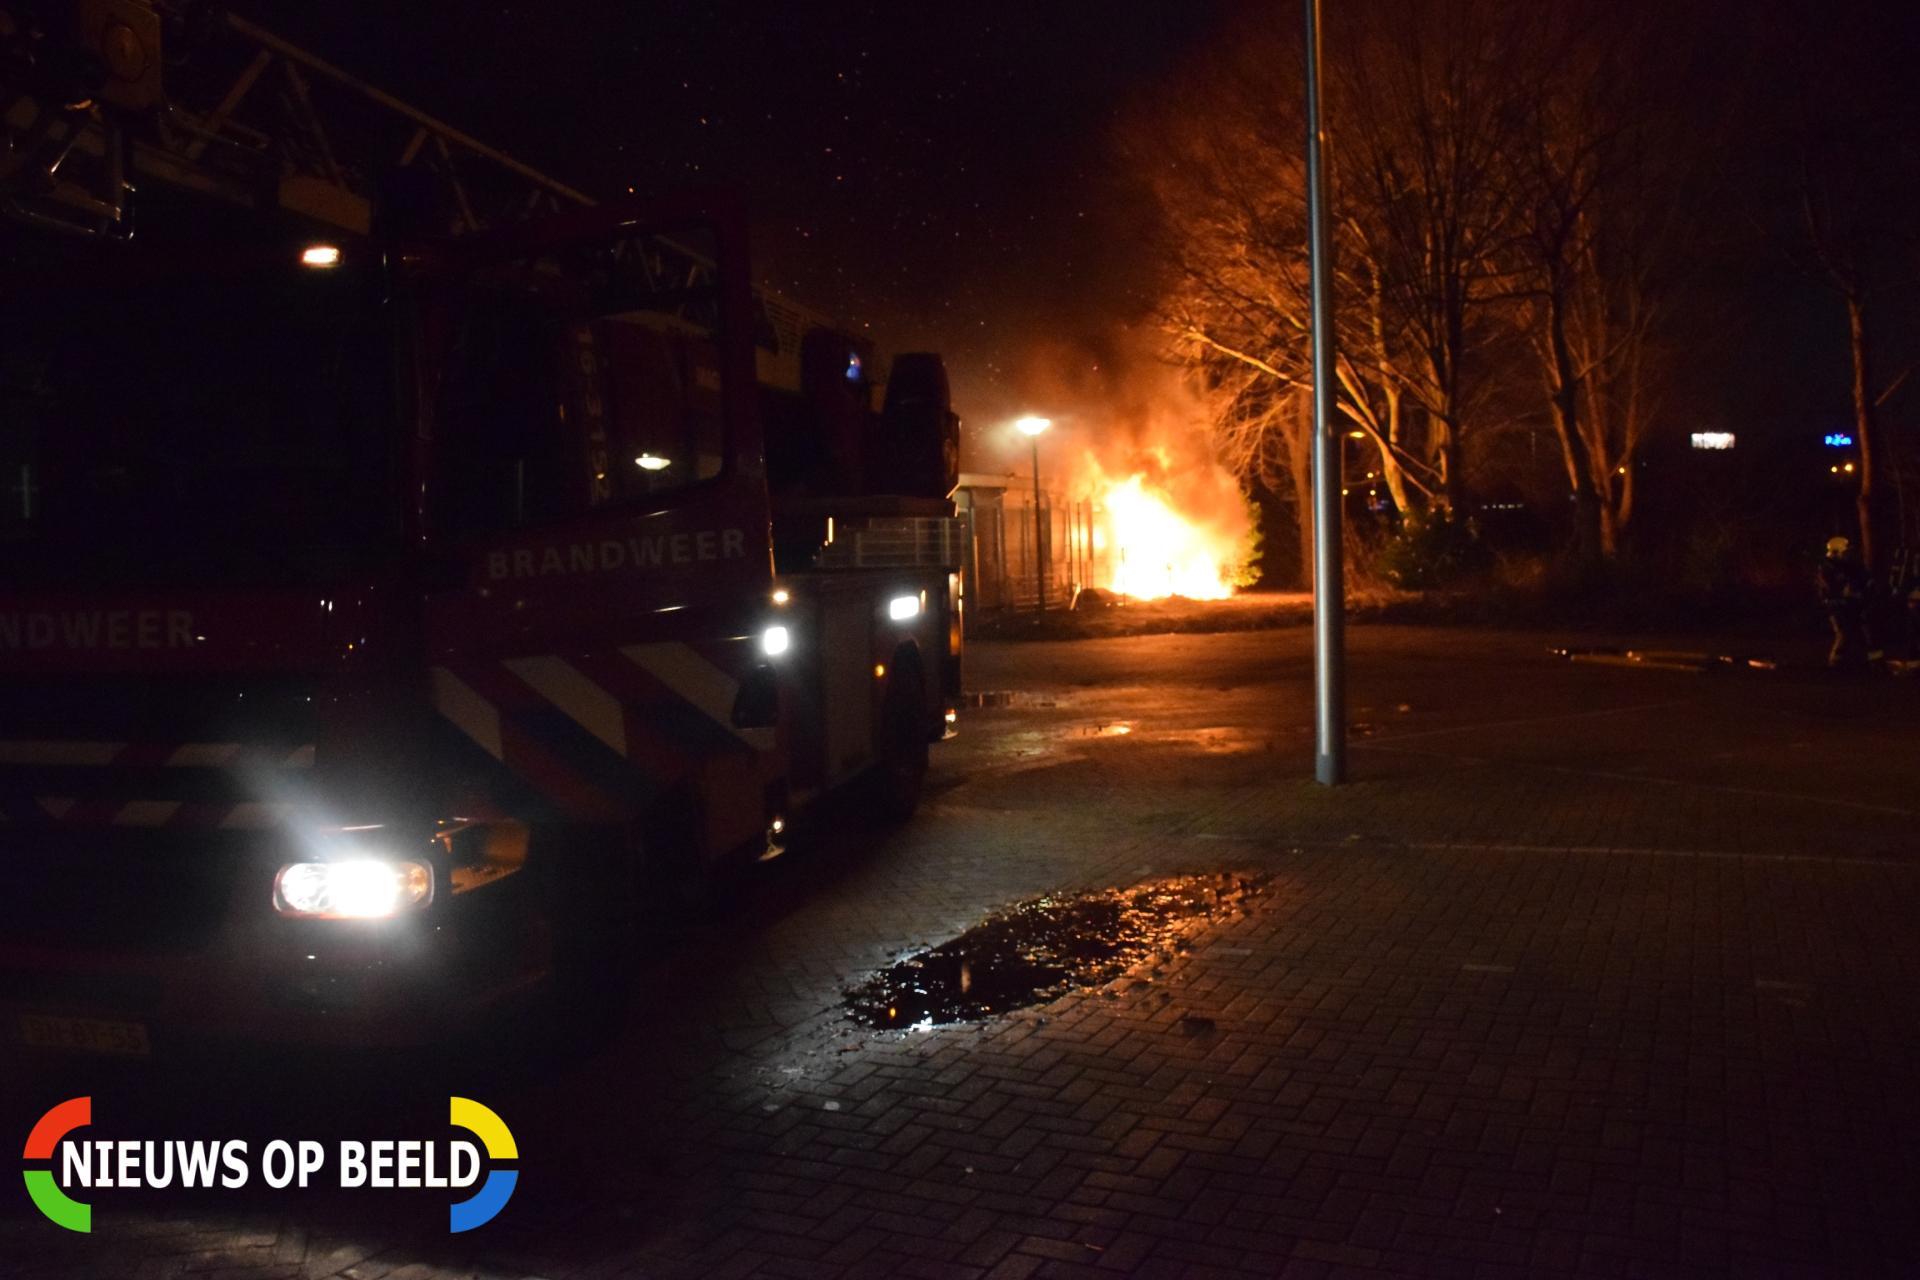 Uitslaande brand bij atletiekbaan Groenhovenpark Gouda